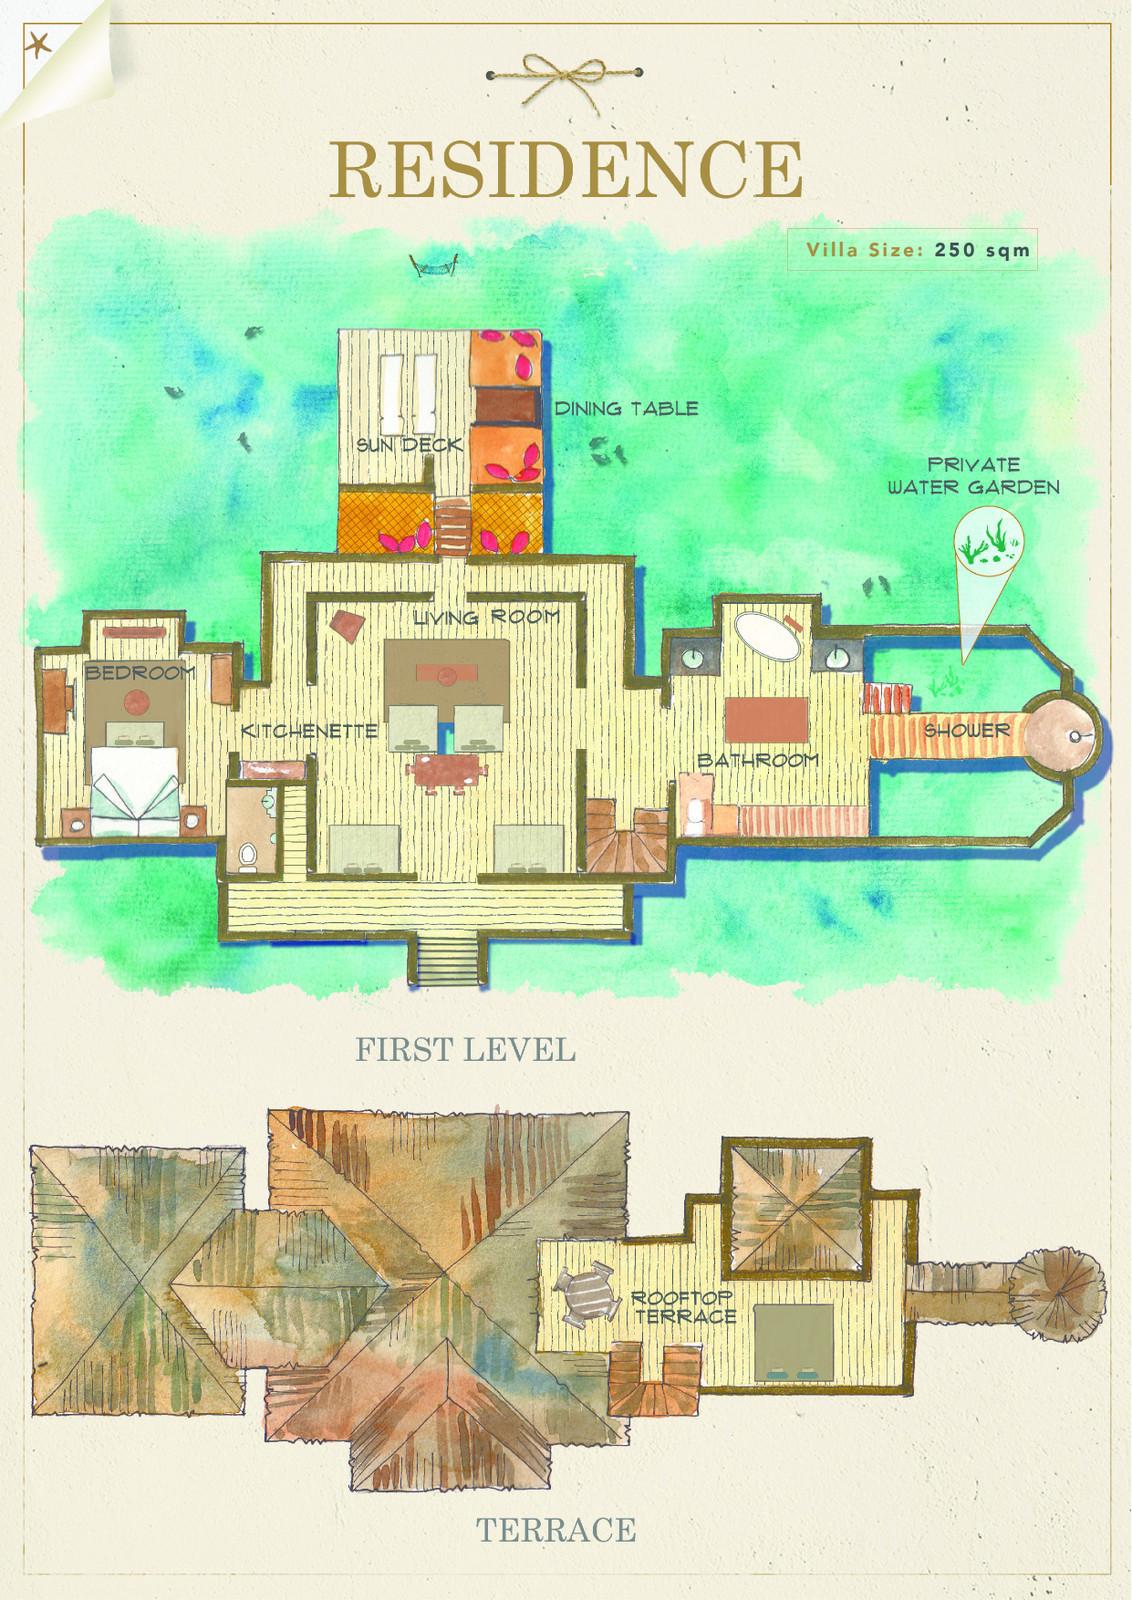 Мальдивы, отель Gili Lankanfushi Maldives, план-схема номера Residence